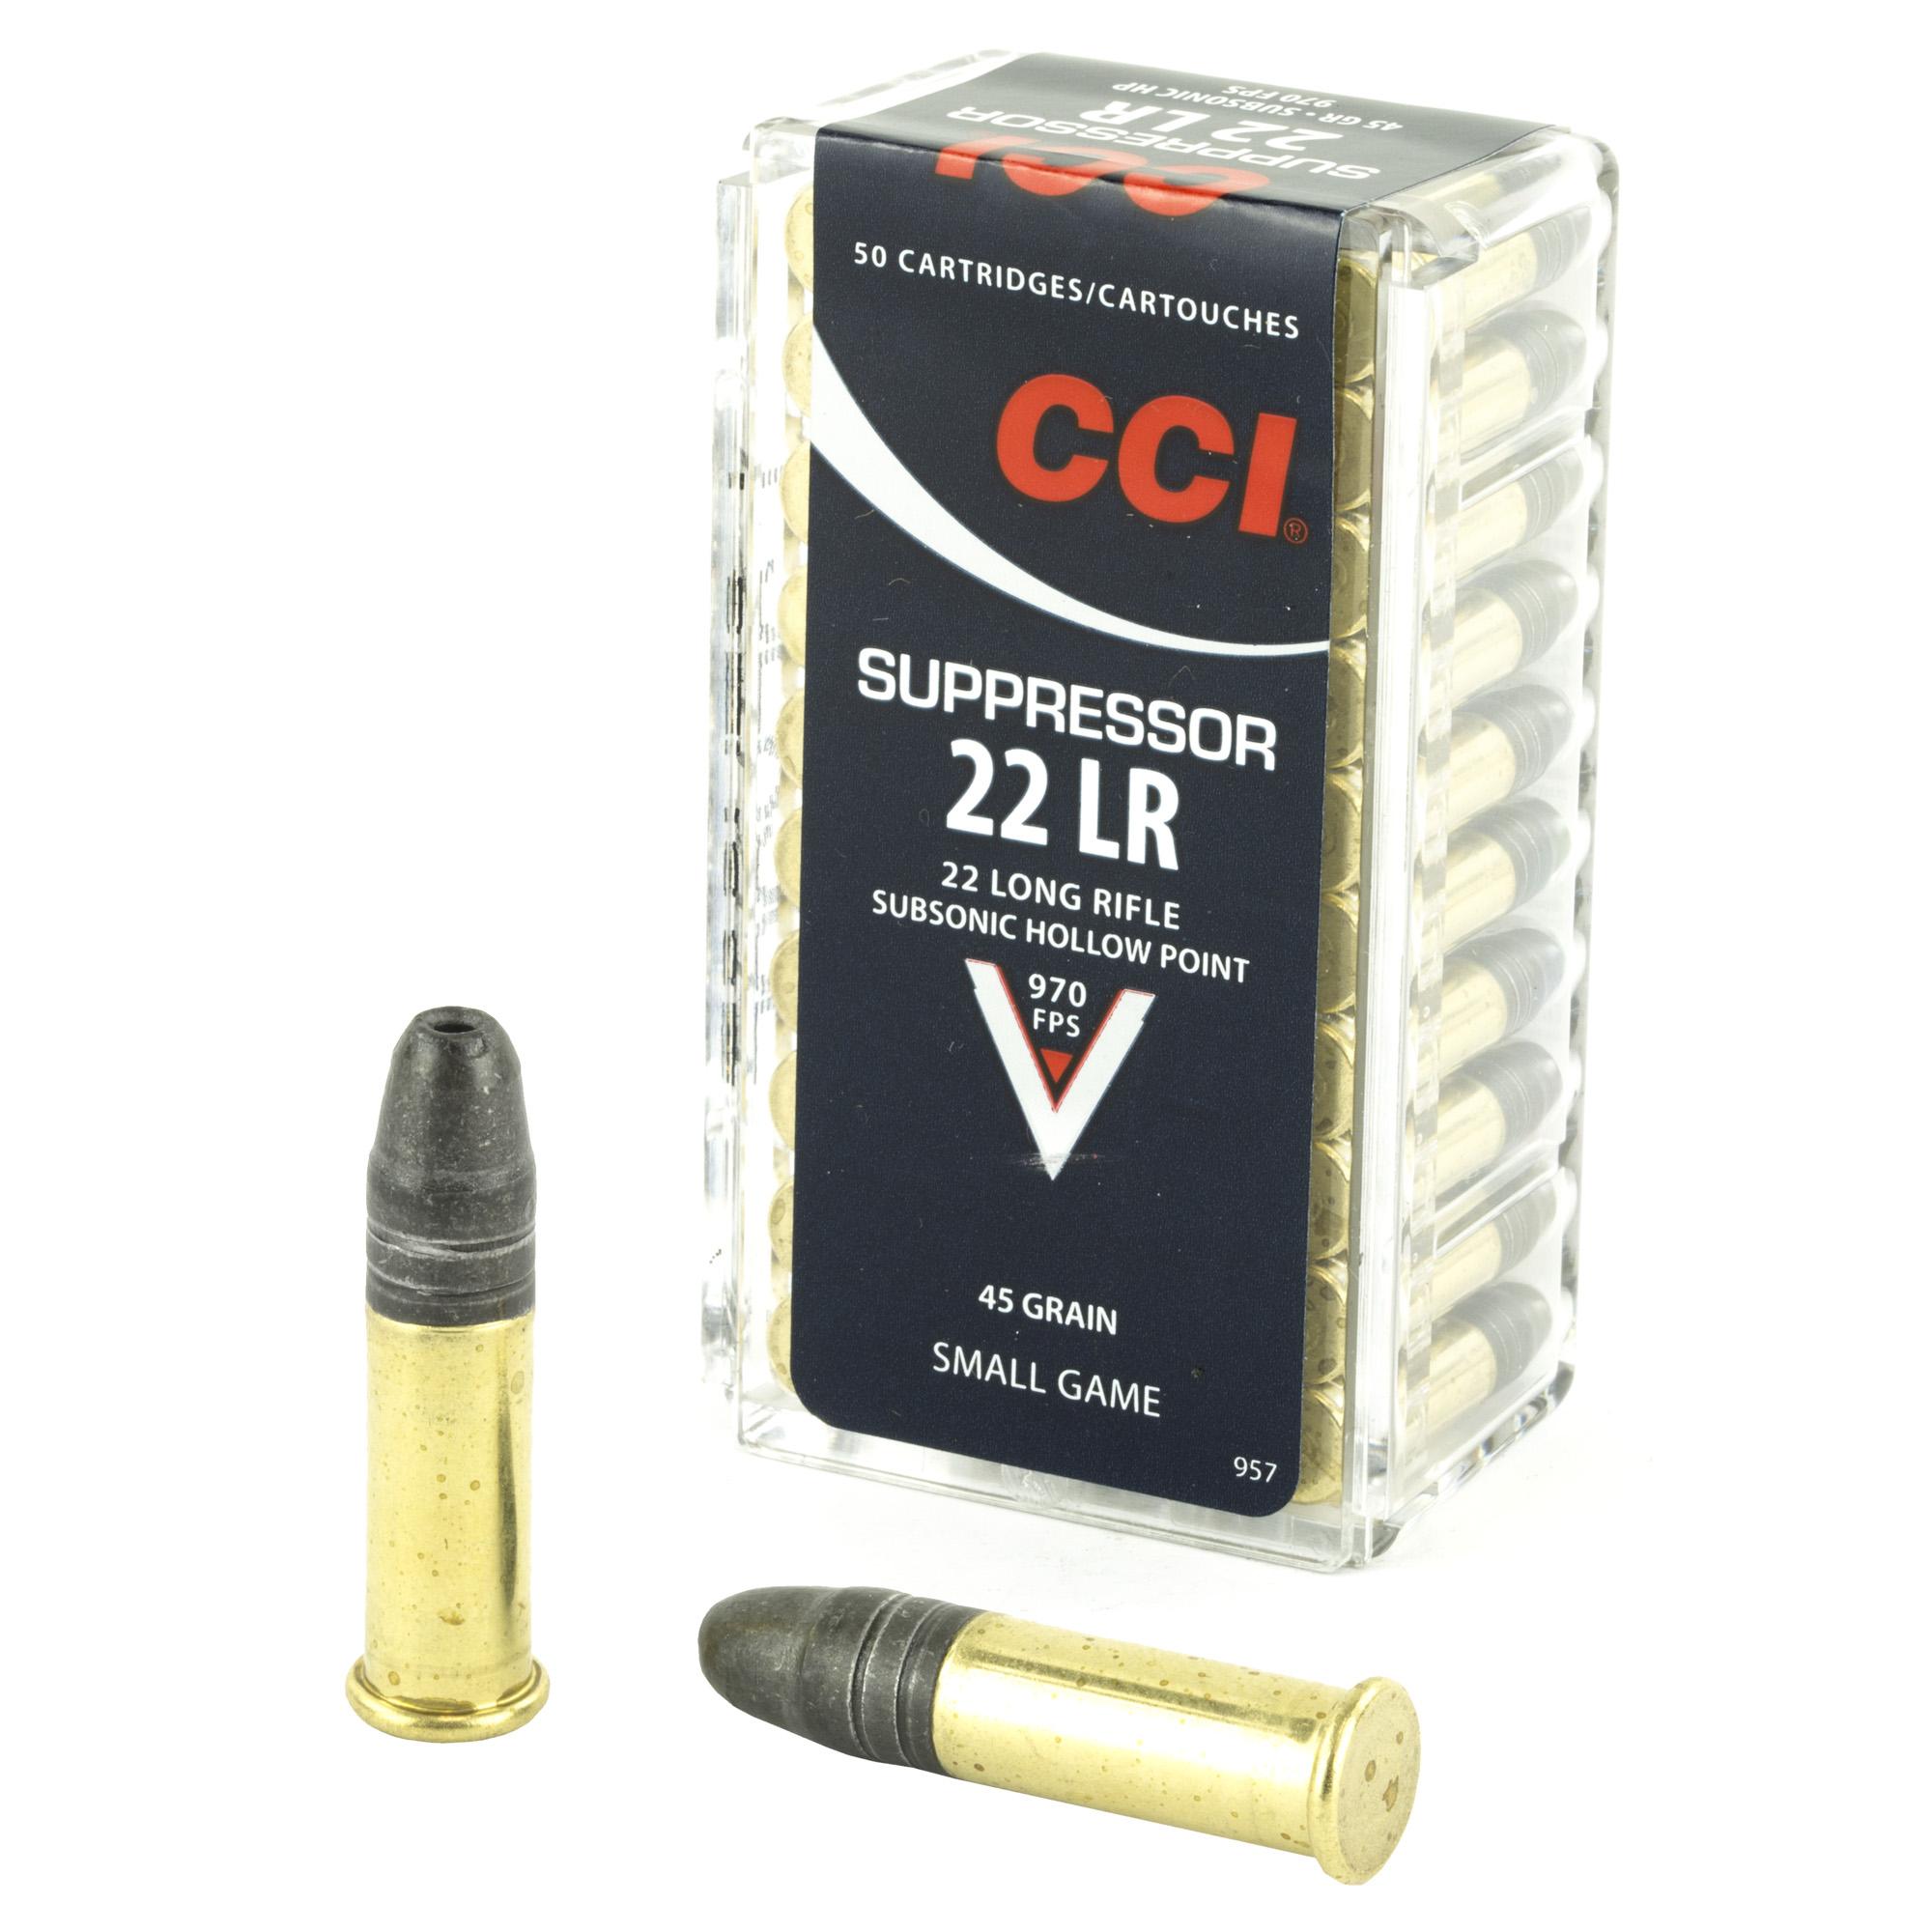 Cci/speer Suppressor, 22lr, 45 Grain, Hollow Point, 50 Round Box 957...